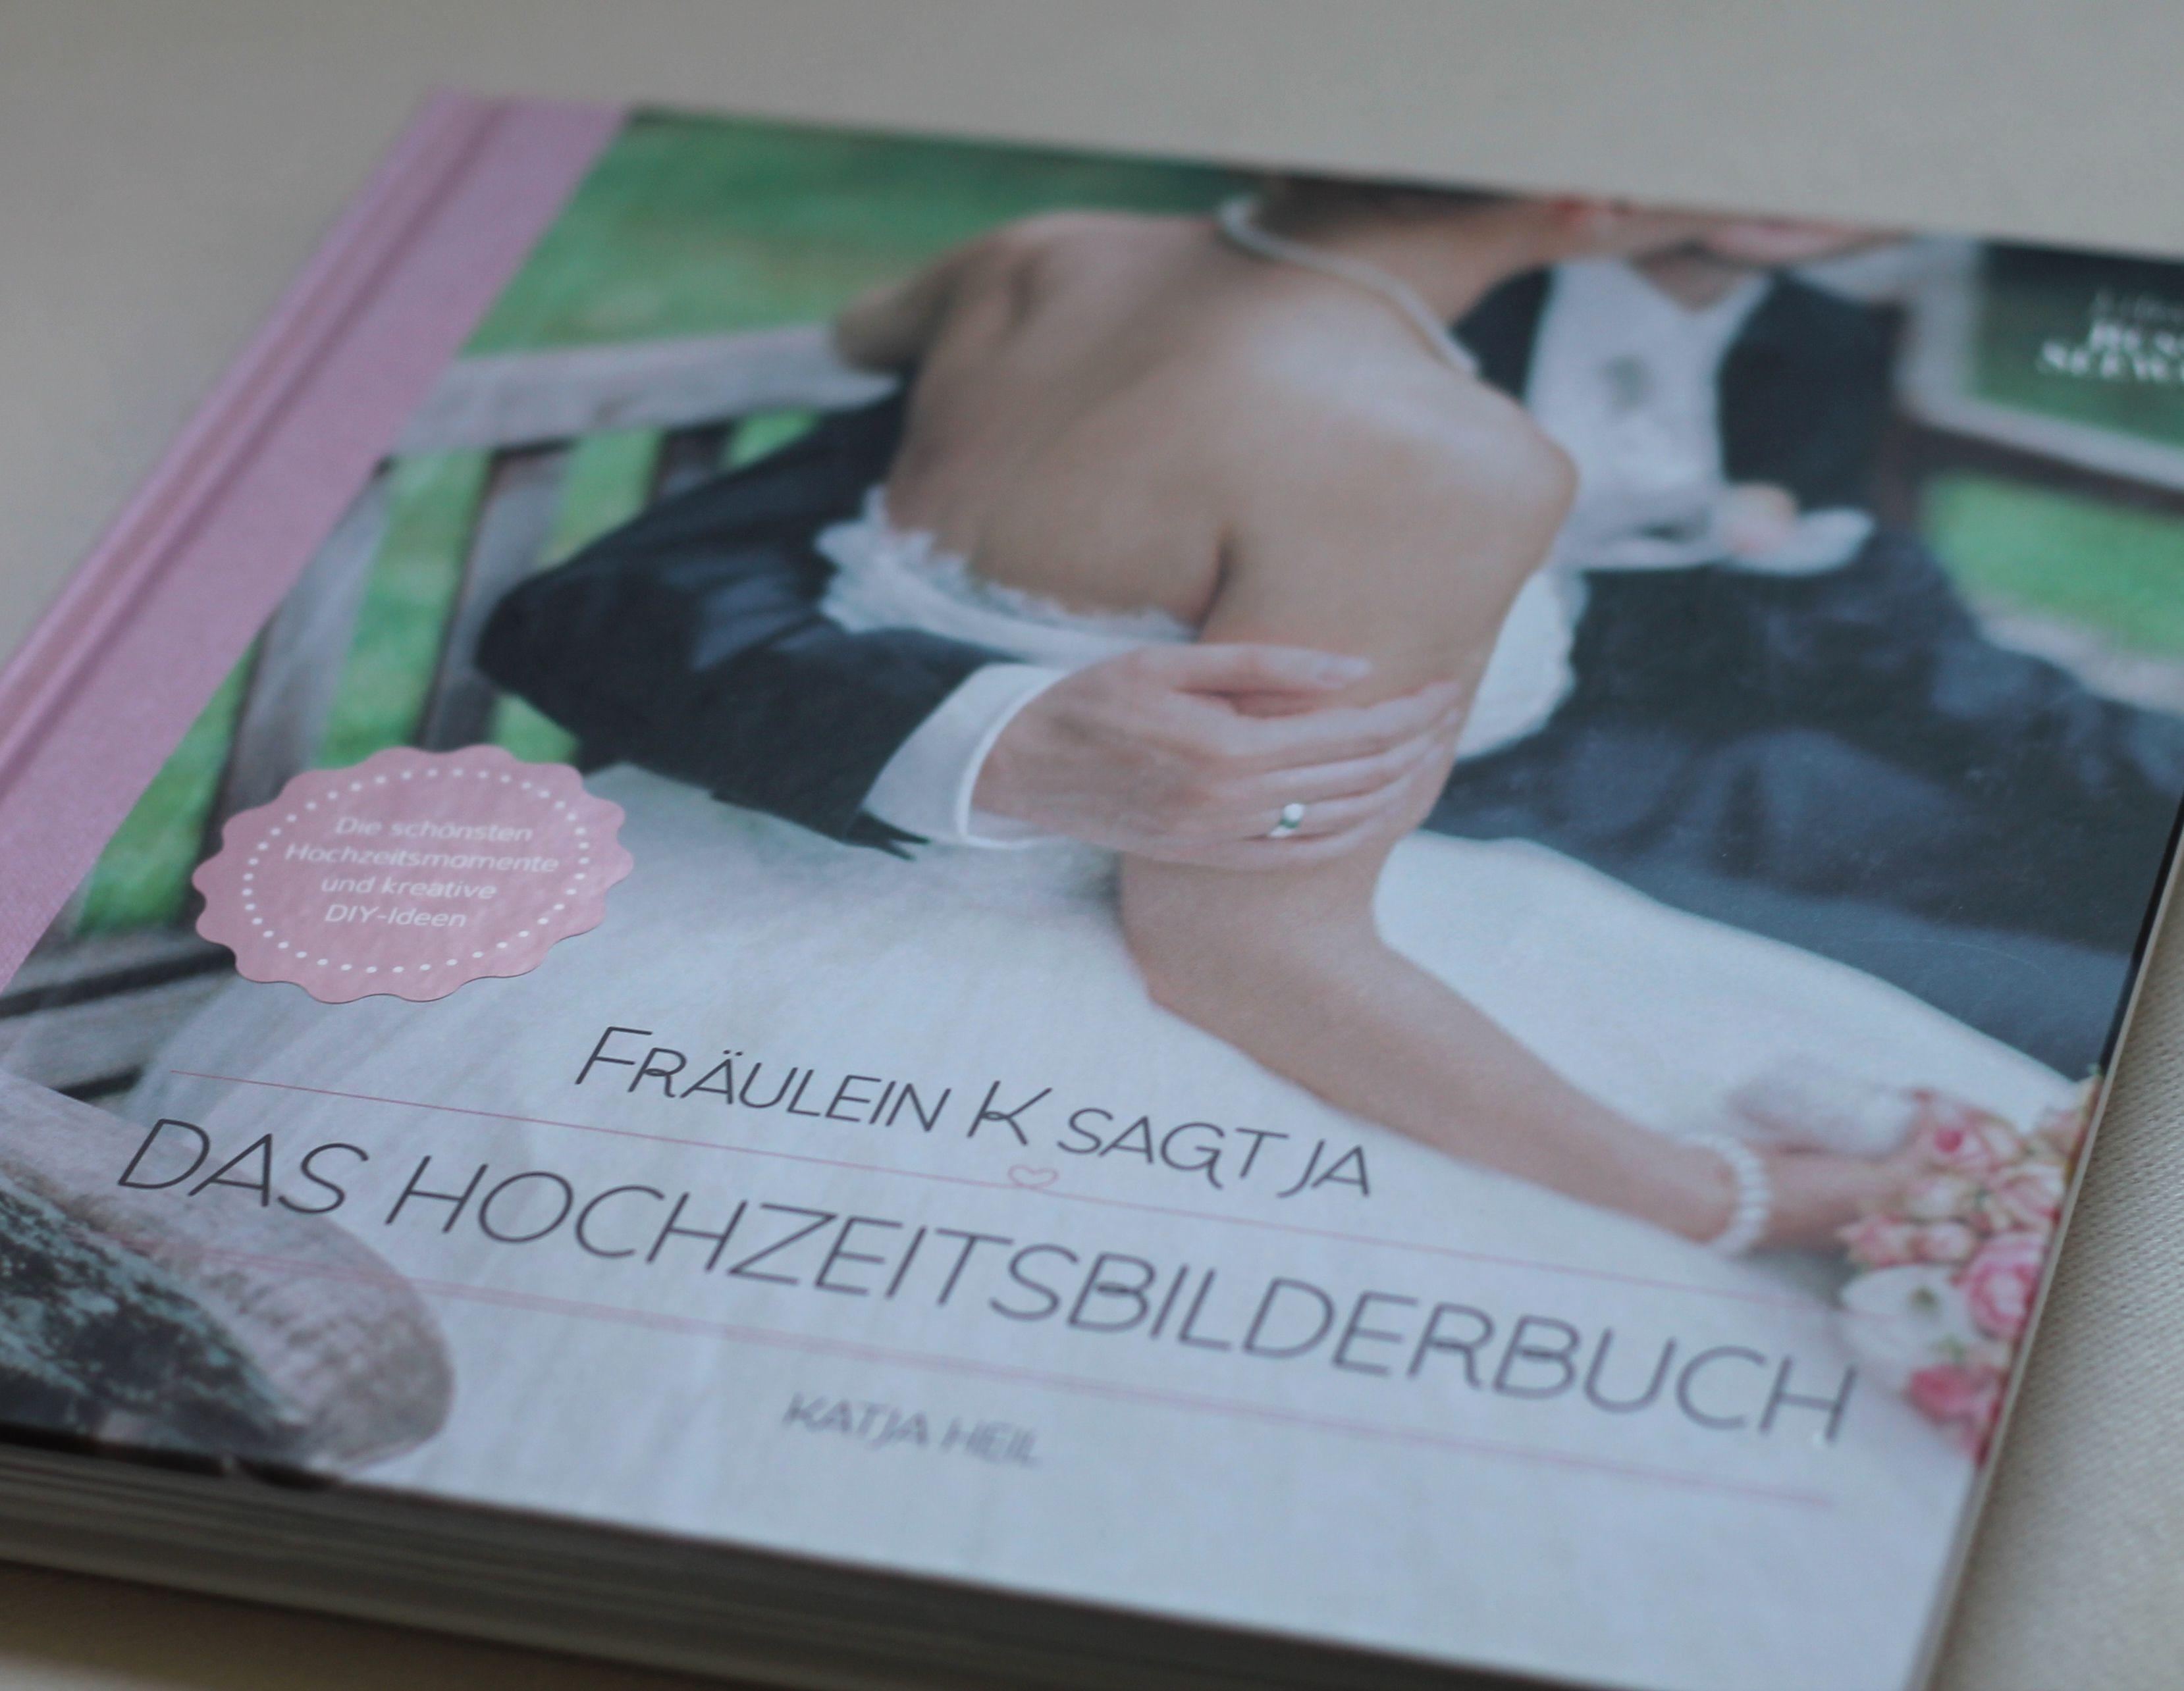 Das hochzeitsinspirationsbuch der bloggerin u fotografin katja heil